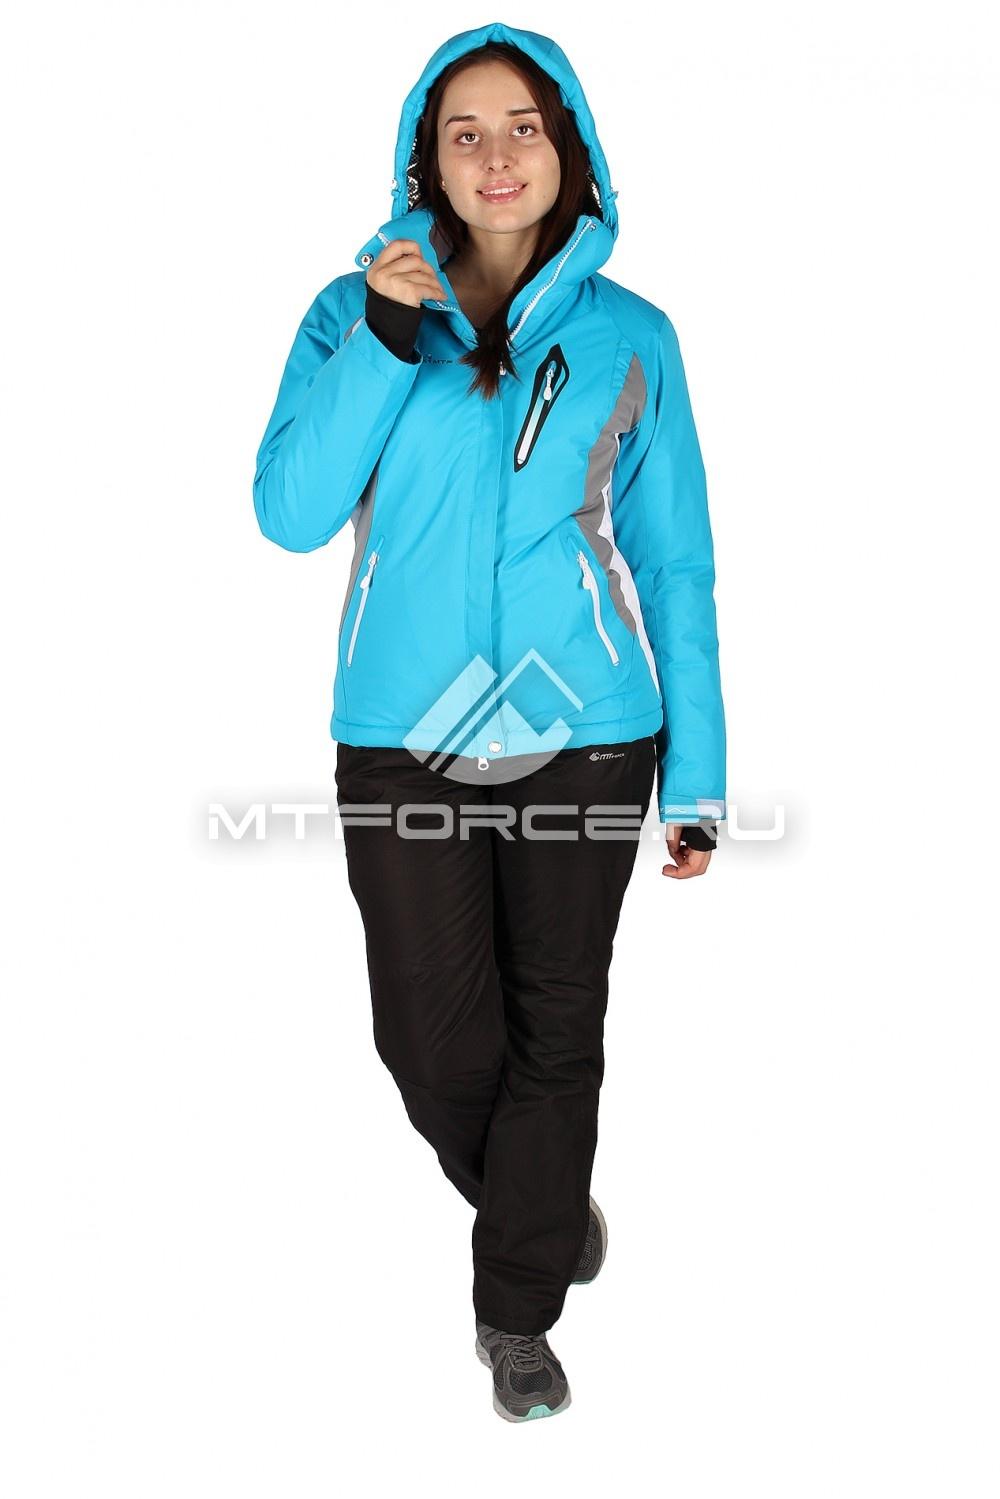 Купить                                  оптом Костюм горнолыжный женский синего цвета 01504S